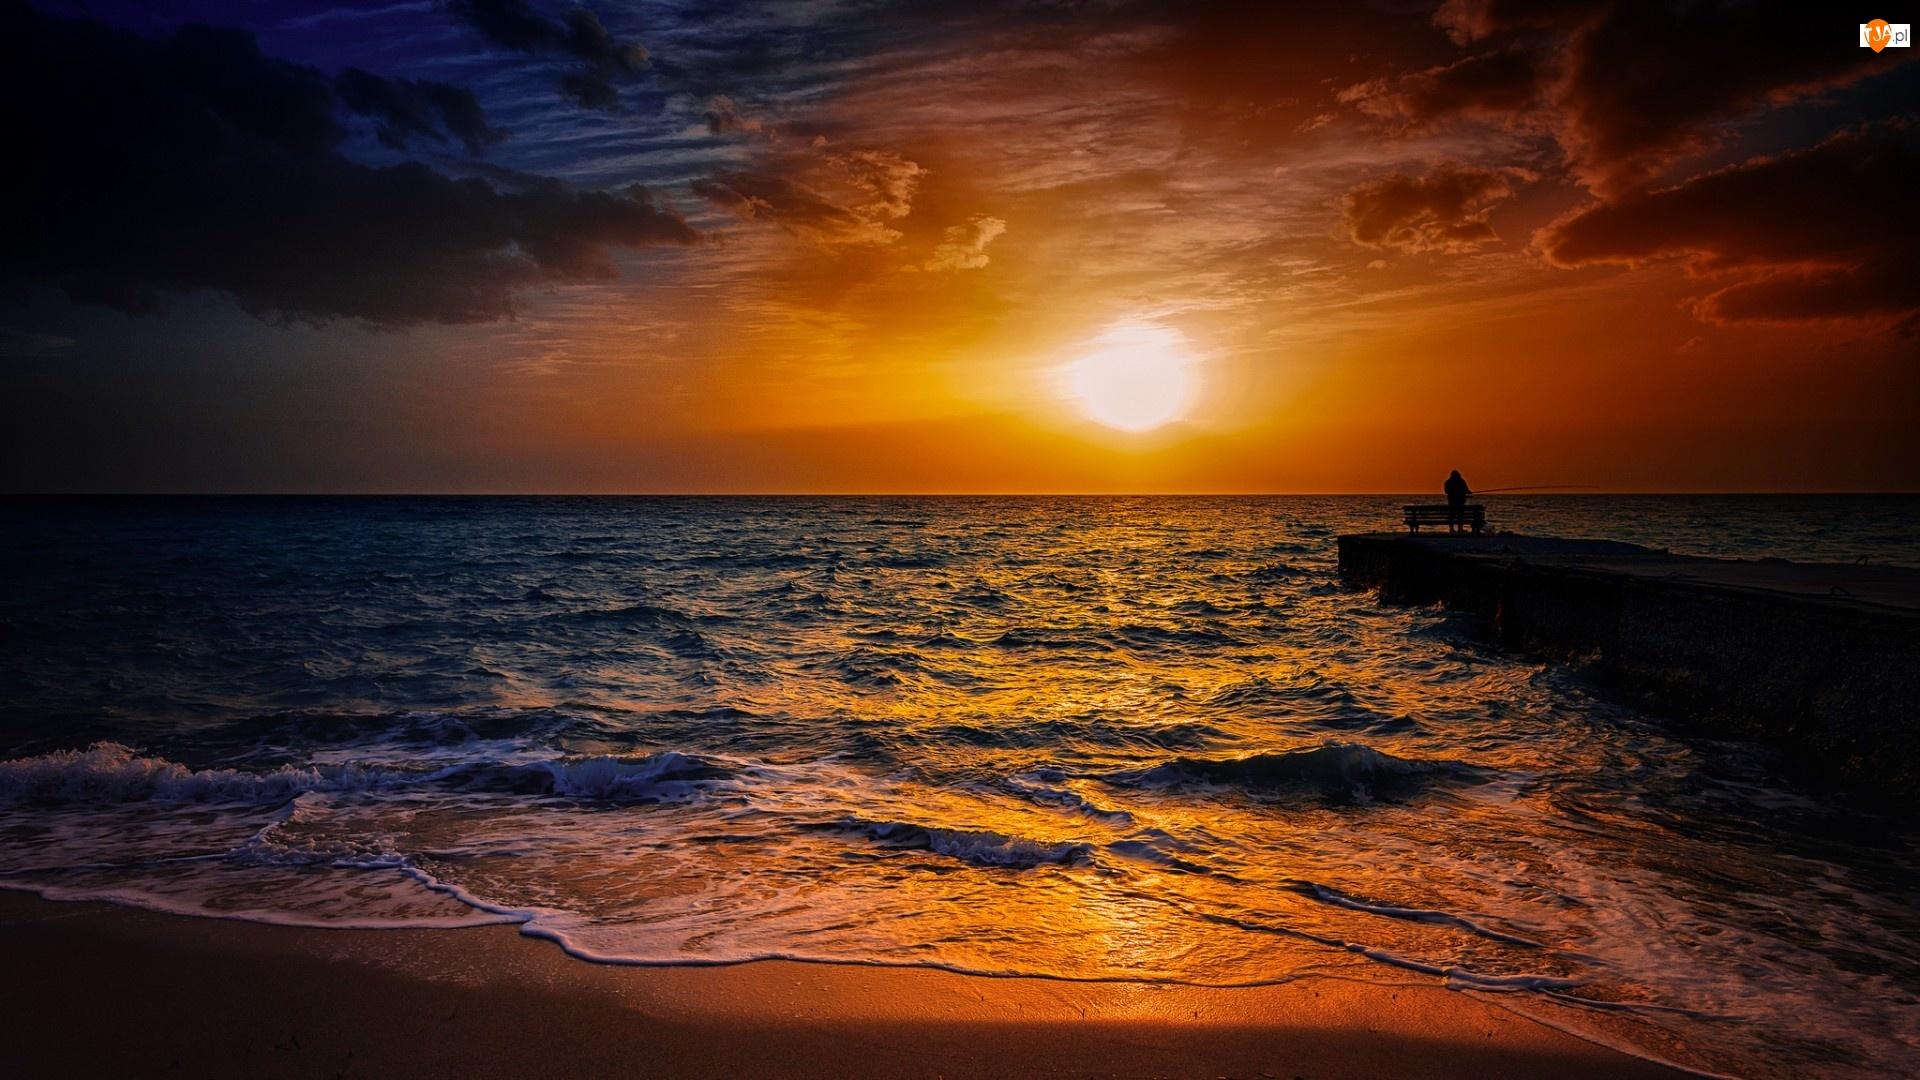 Wędkarz, Zachód, Morze, Słońca, Molo, Chmury